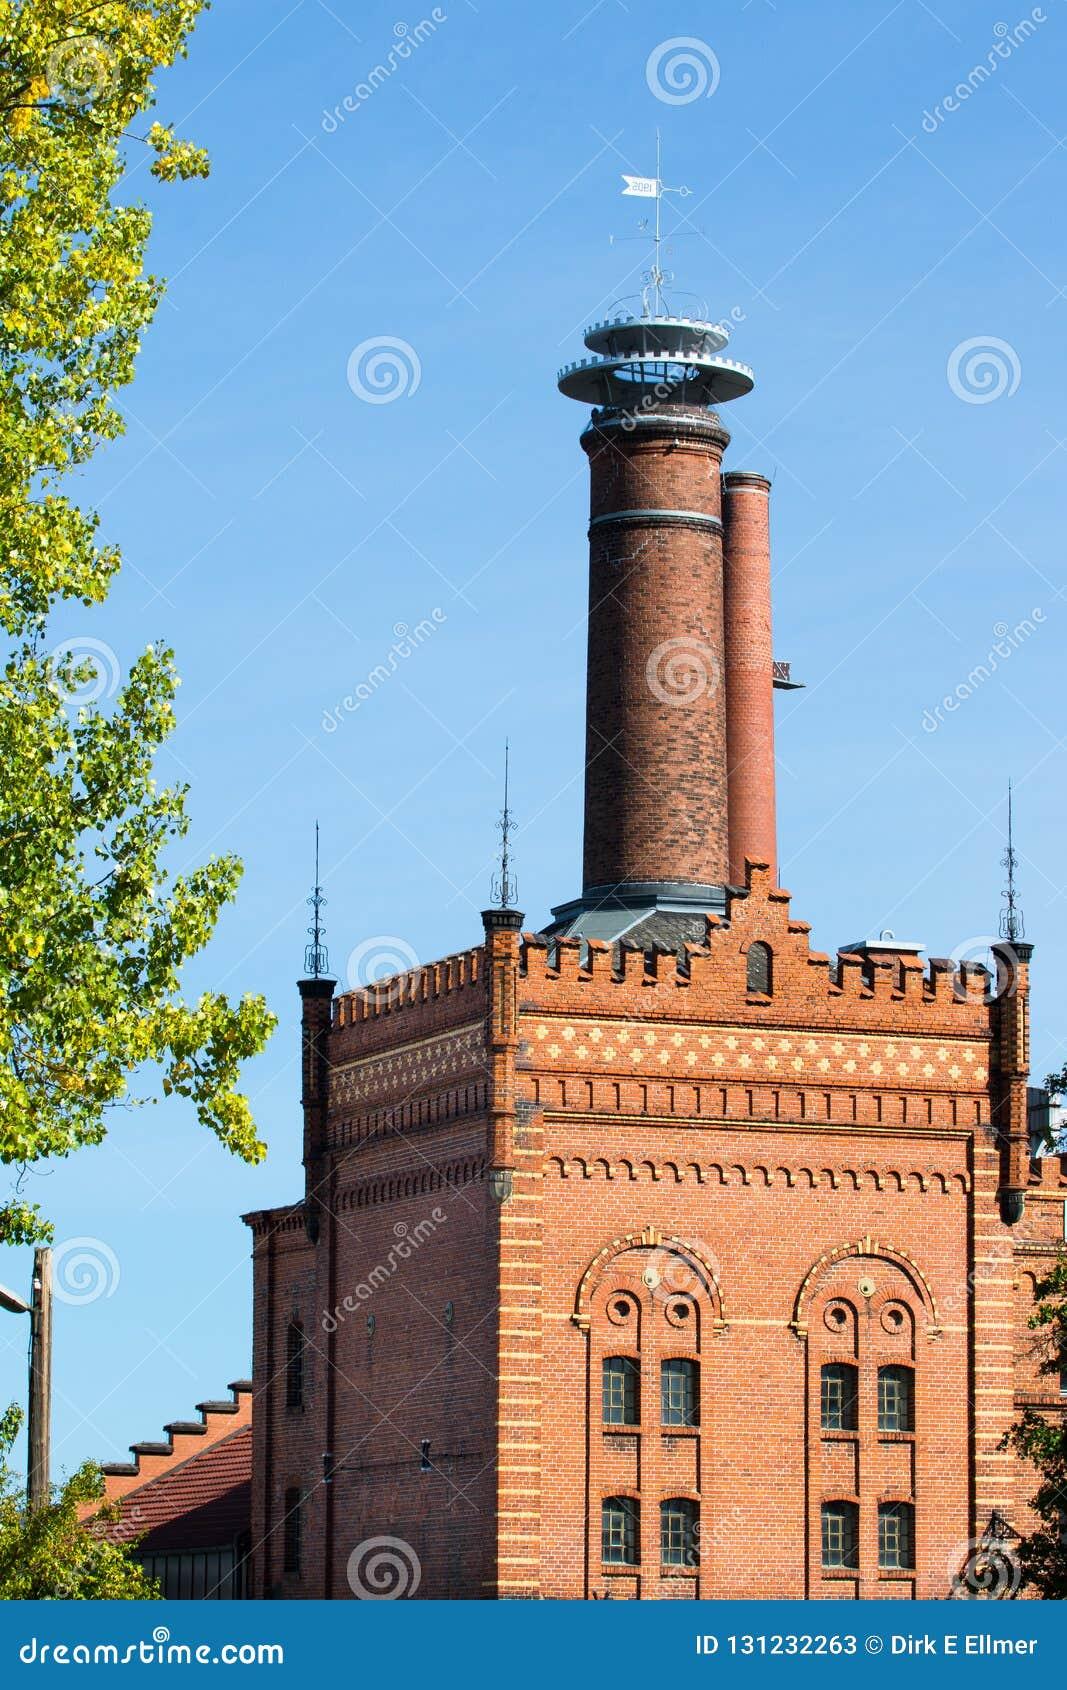 Gebäude mit Ziegelsteinmaurerarbeit - historische Brauerei